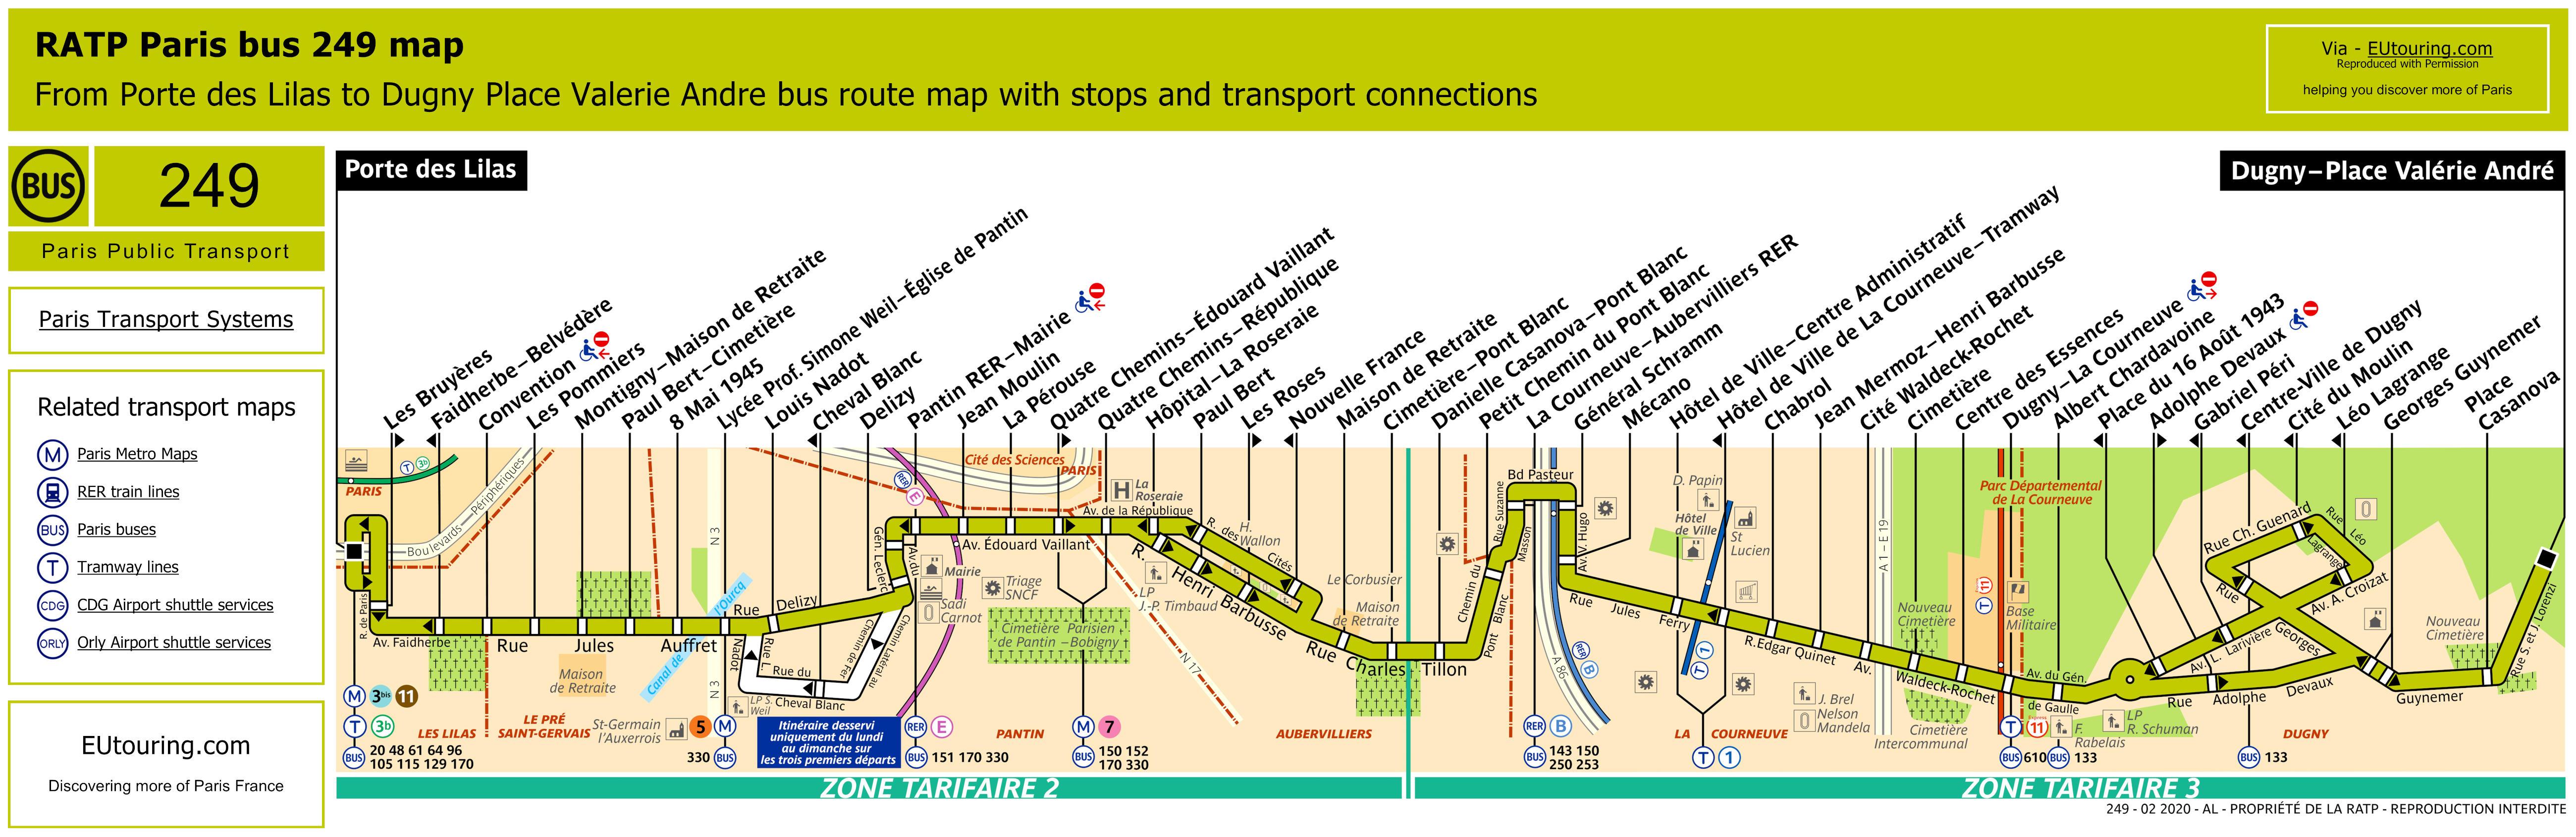 RATP Bus Line 249 Map - Image (HQ ...